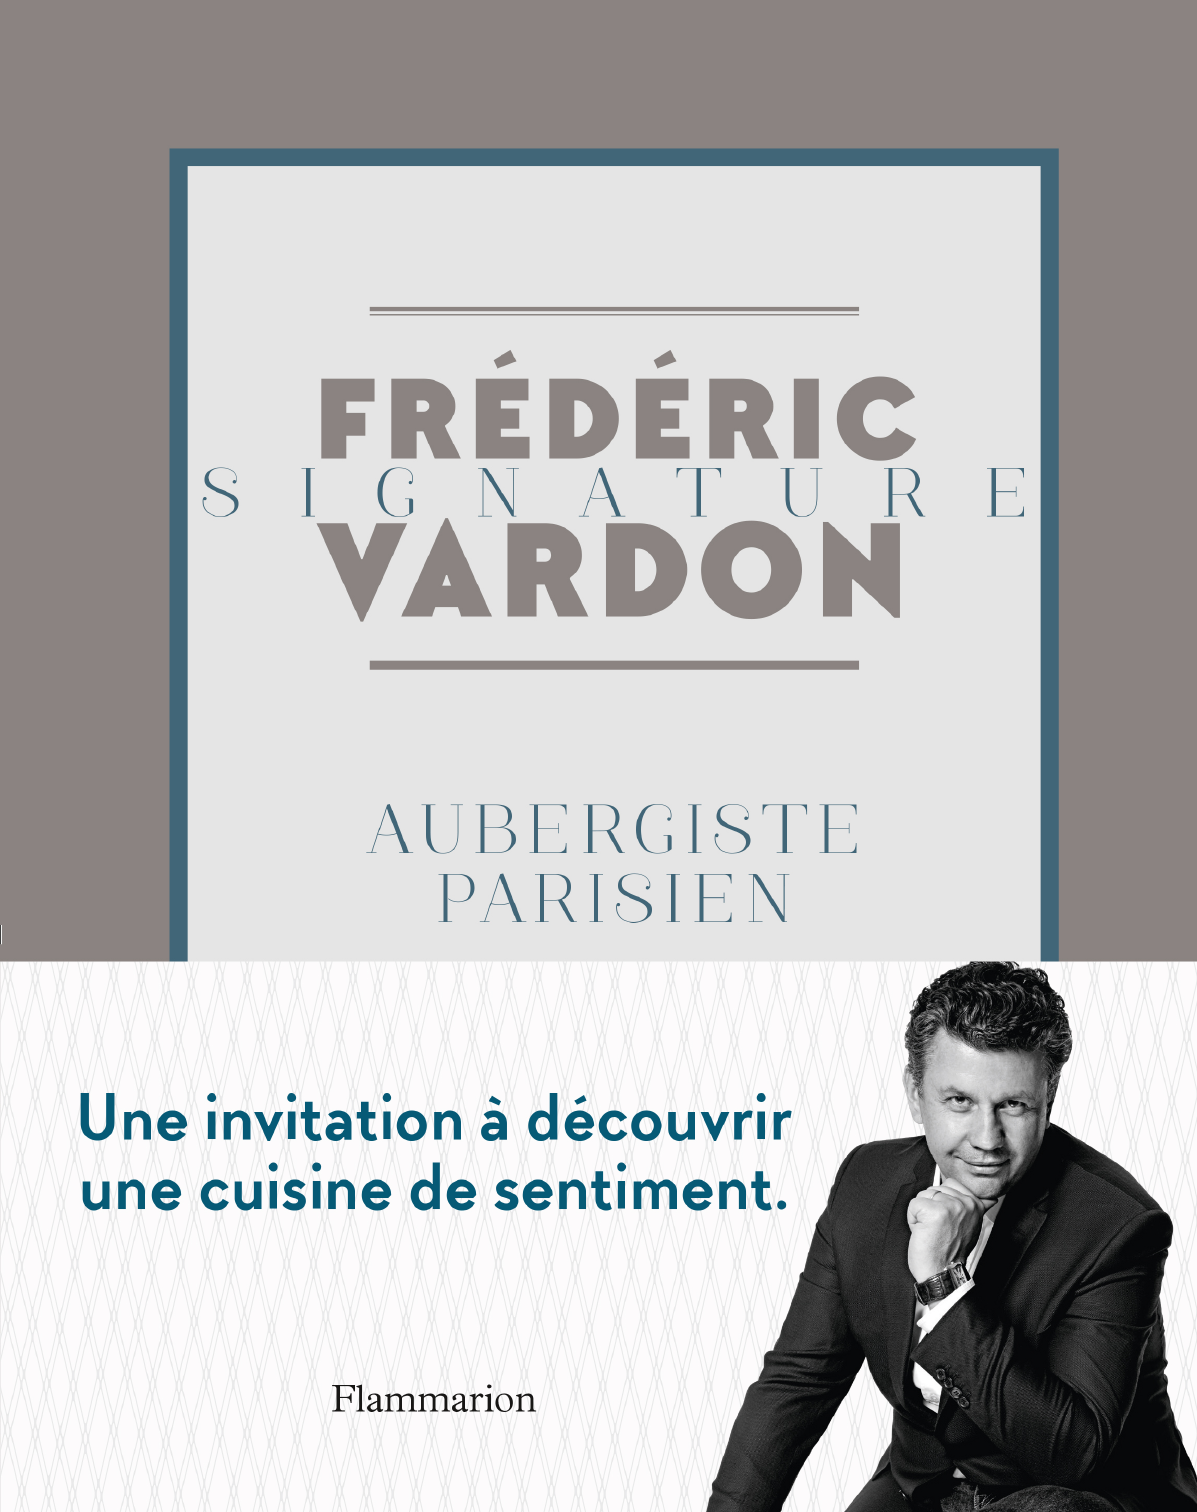 Signature : Frédéric Vardon